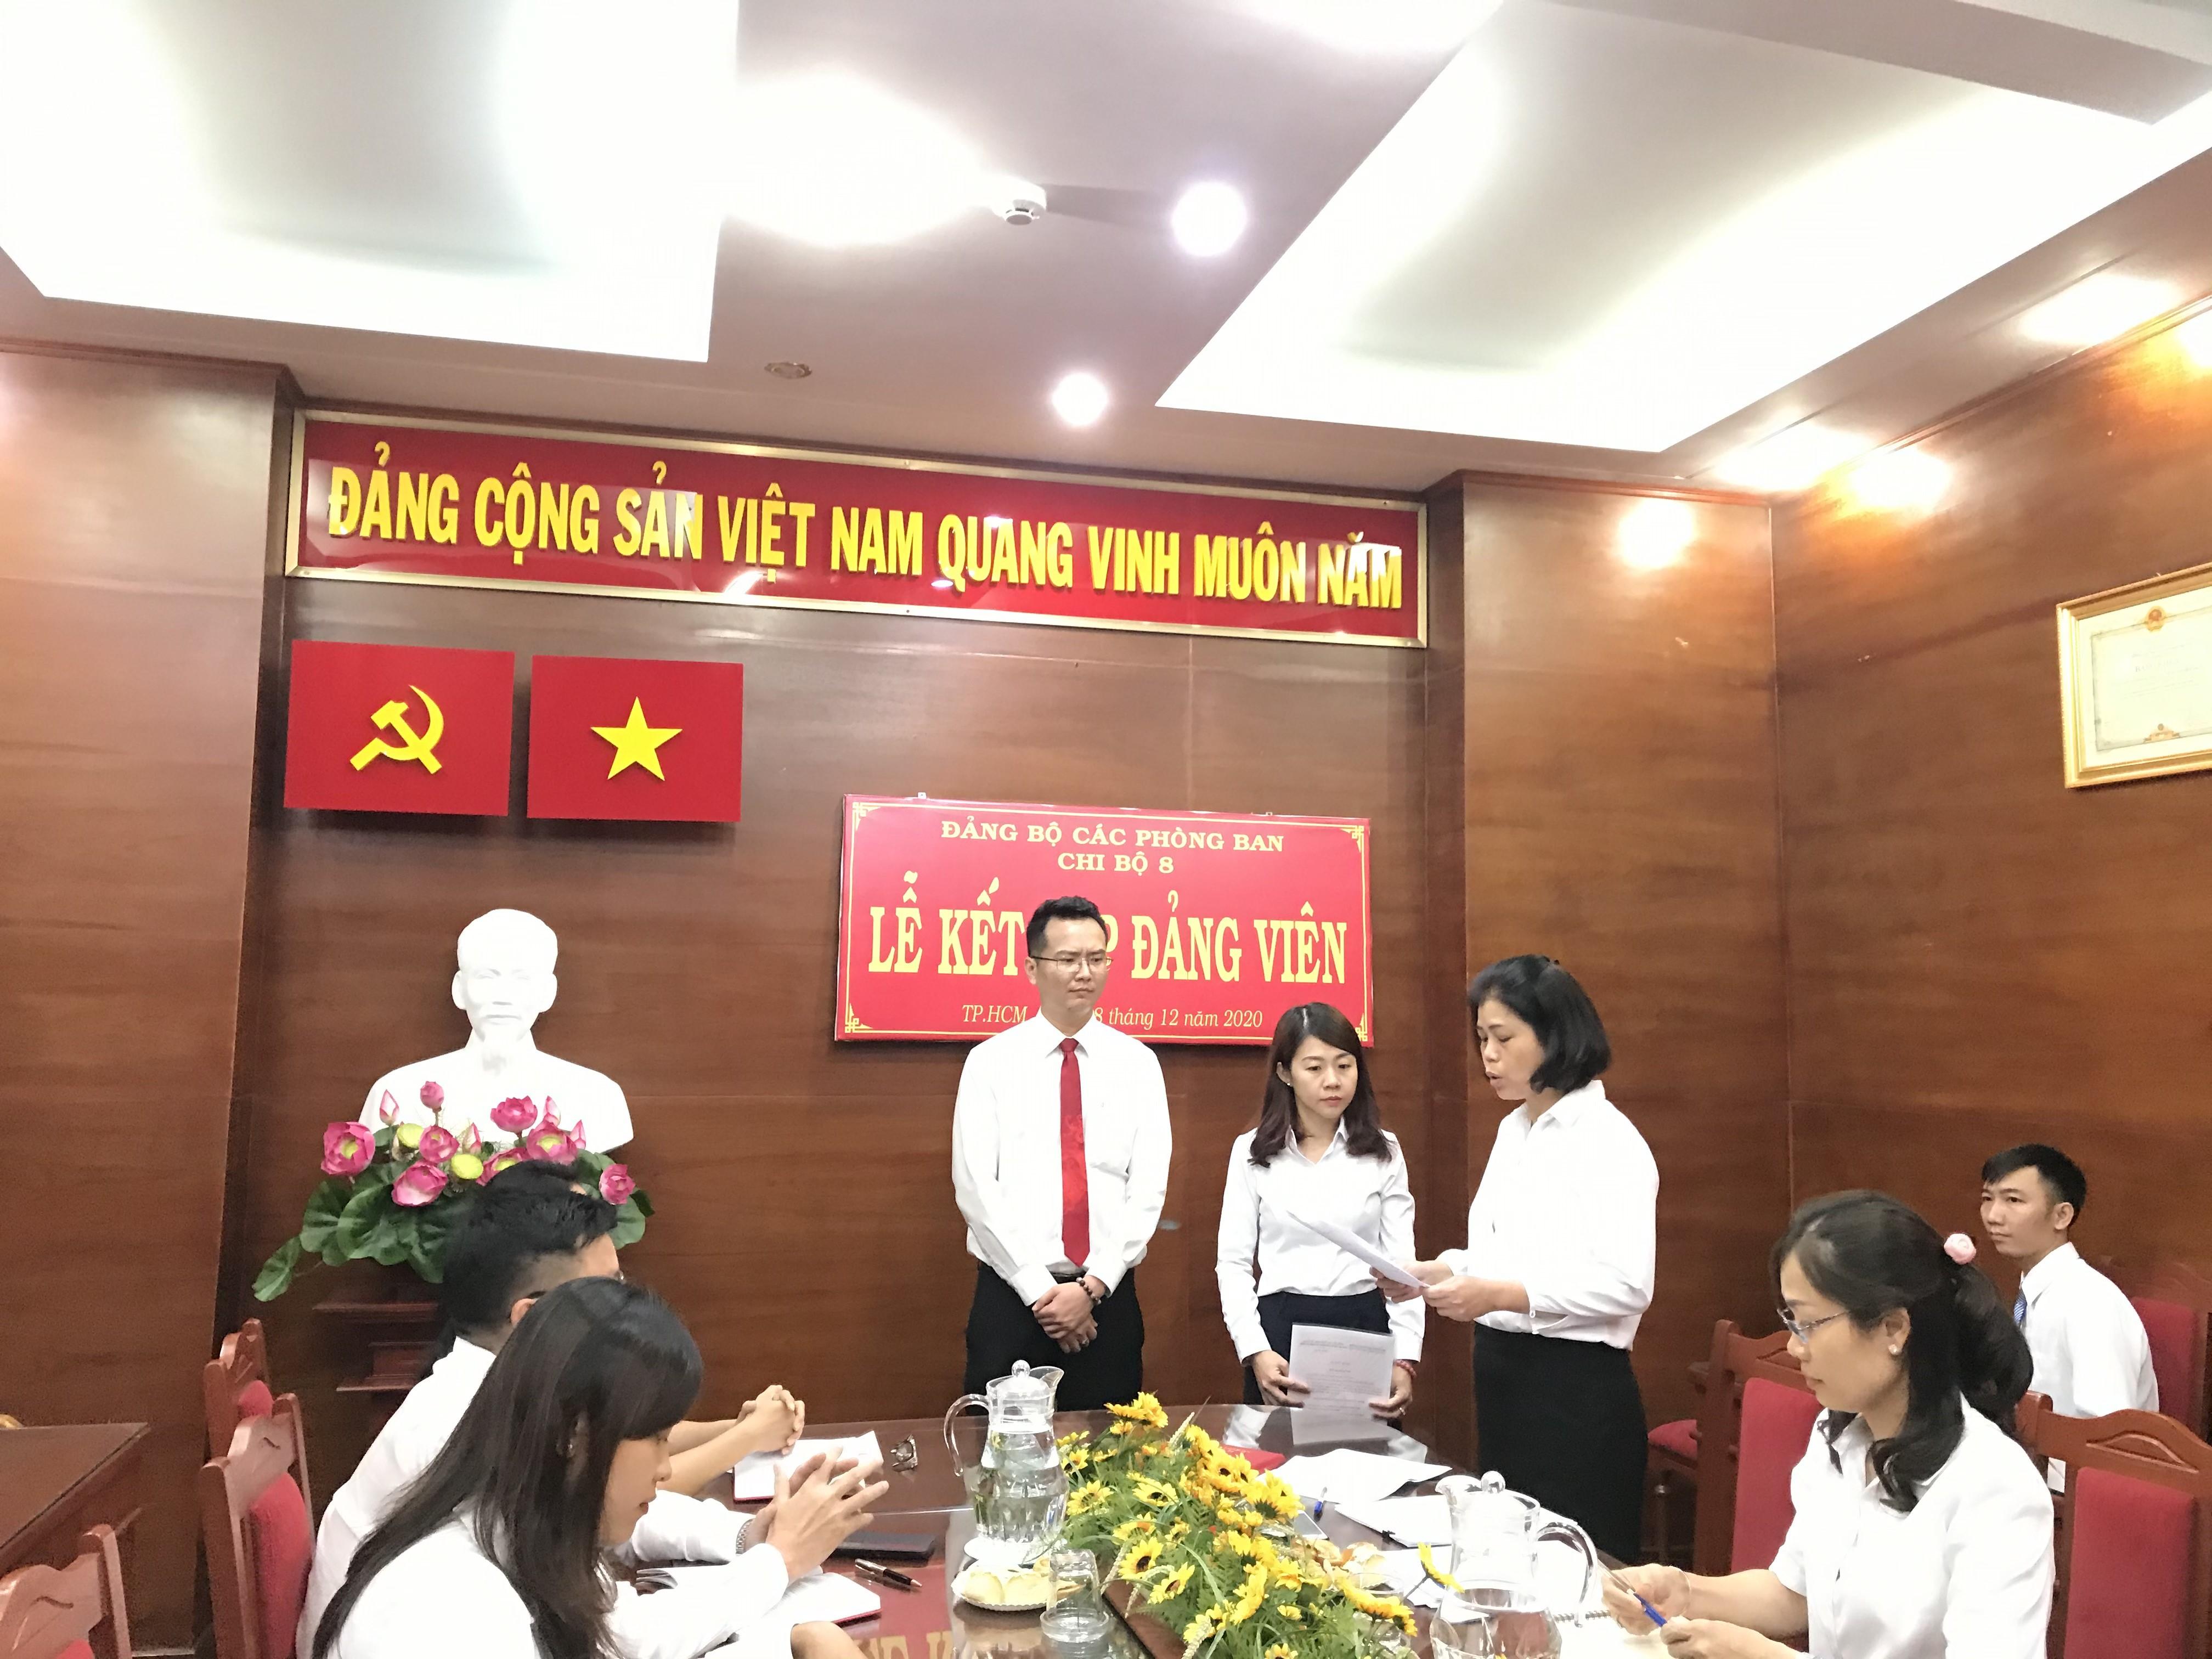 Giải pháp đẩy mạnh công tác xây dựng tổ chức cơ sở đảng và nâng cao chất lượng đảng viên